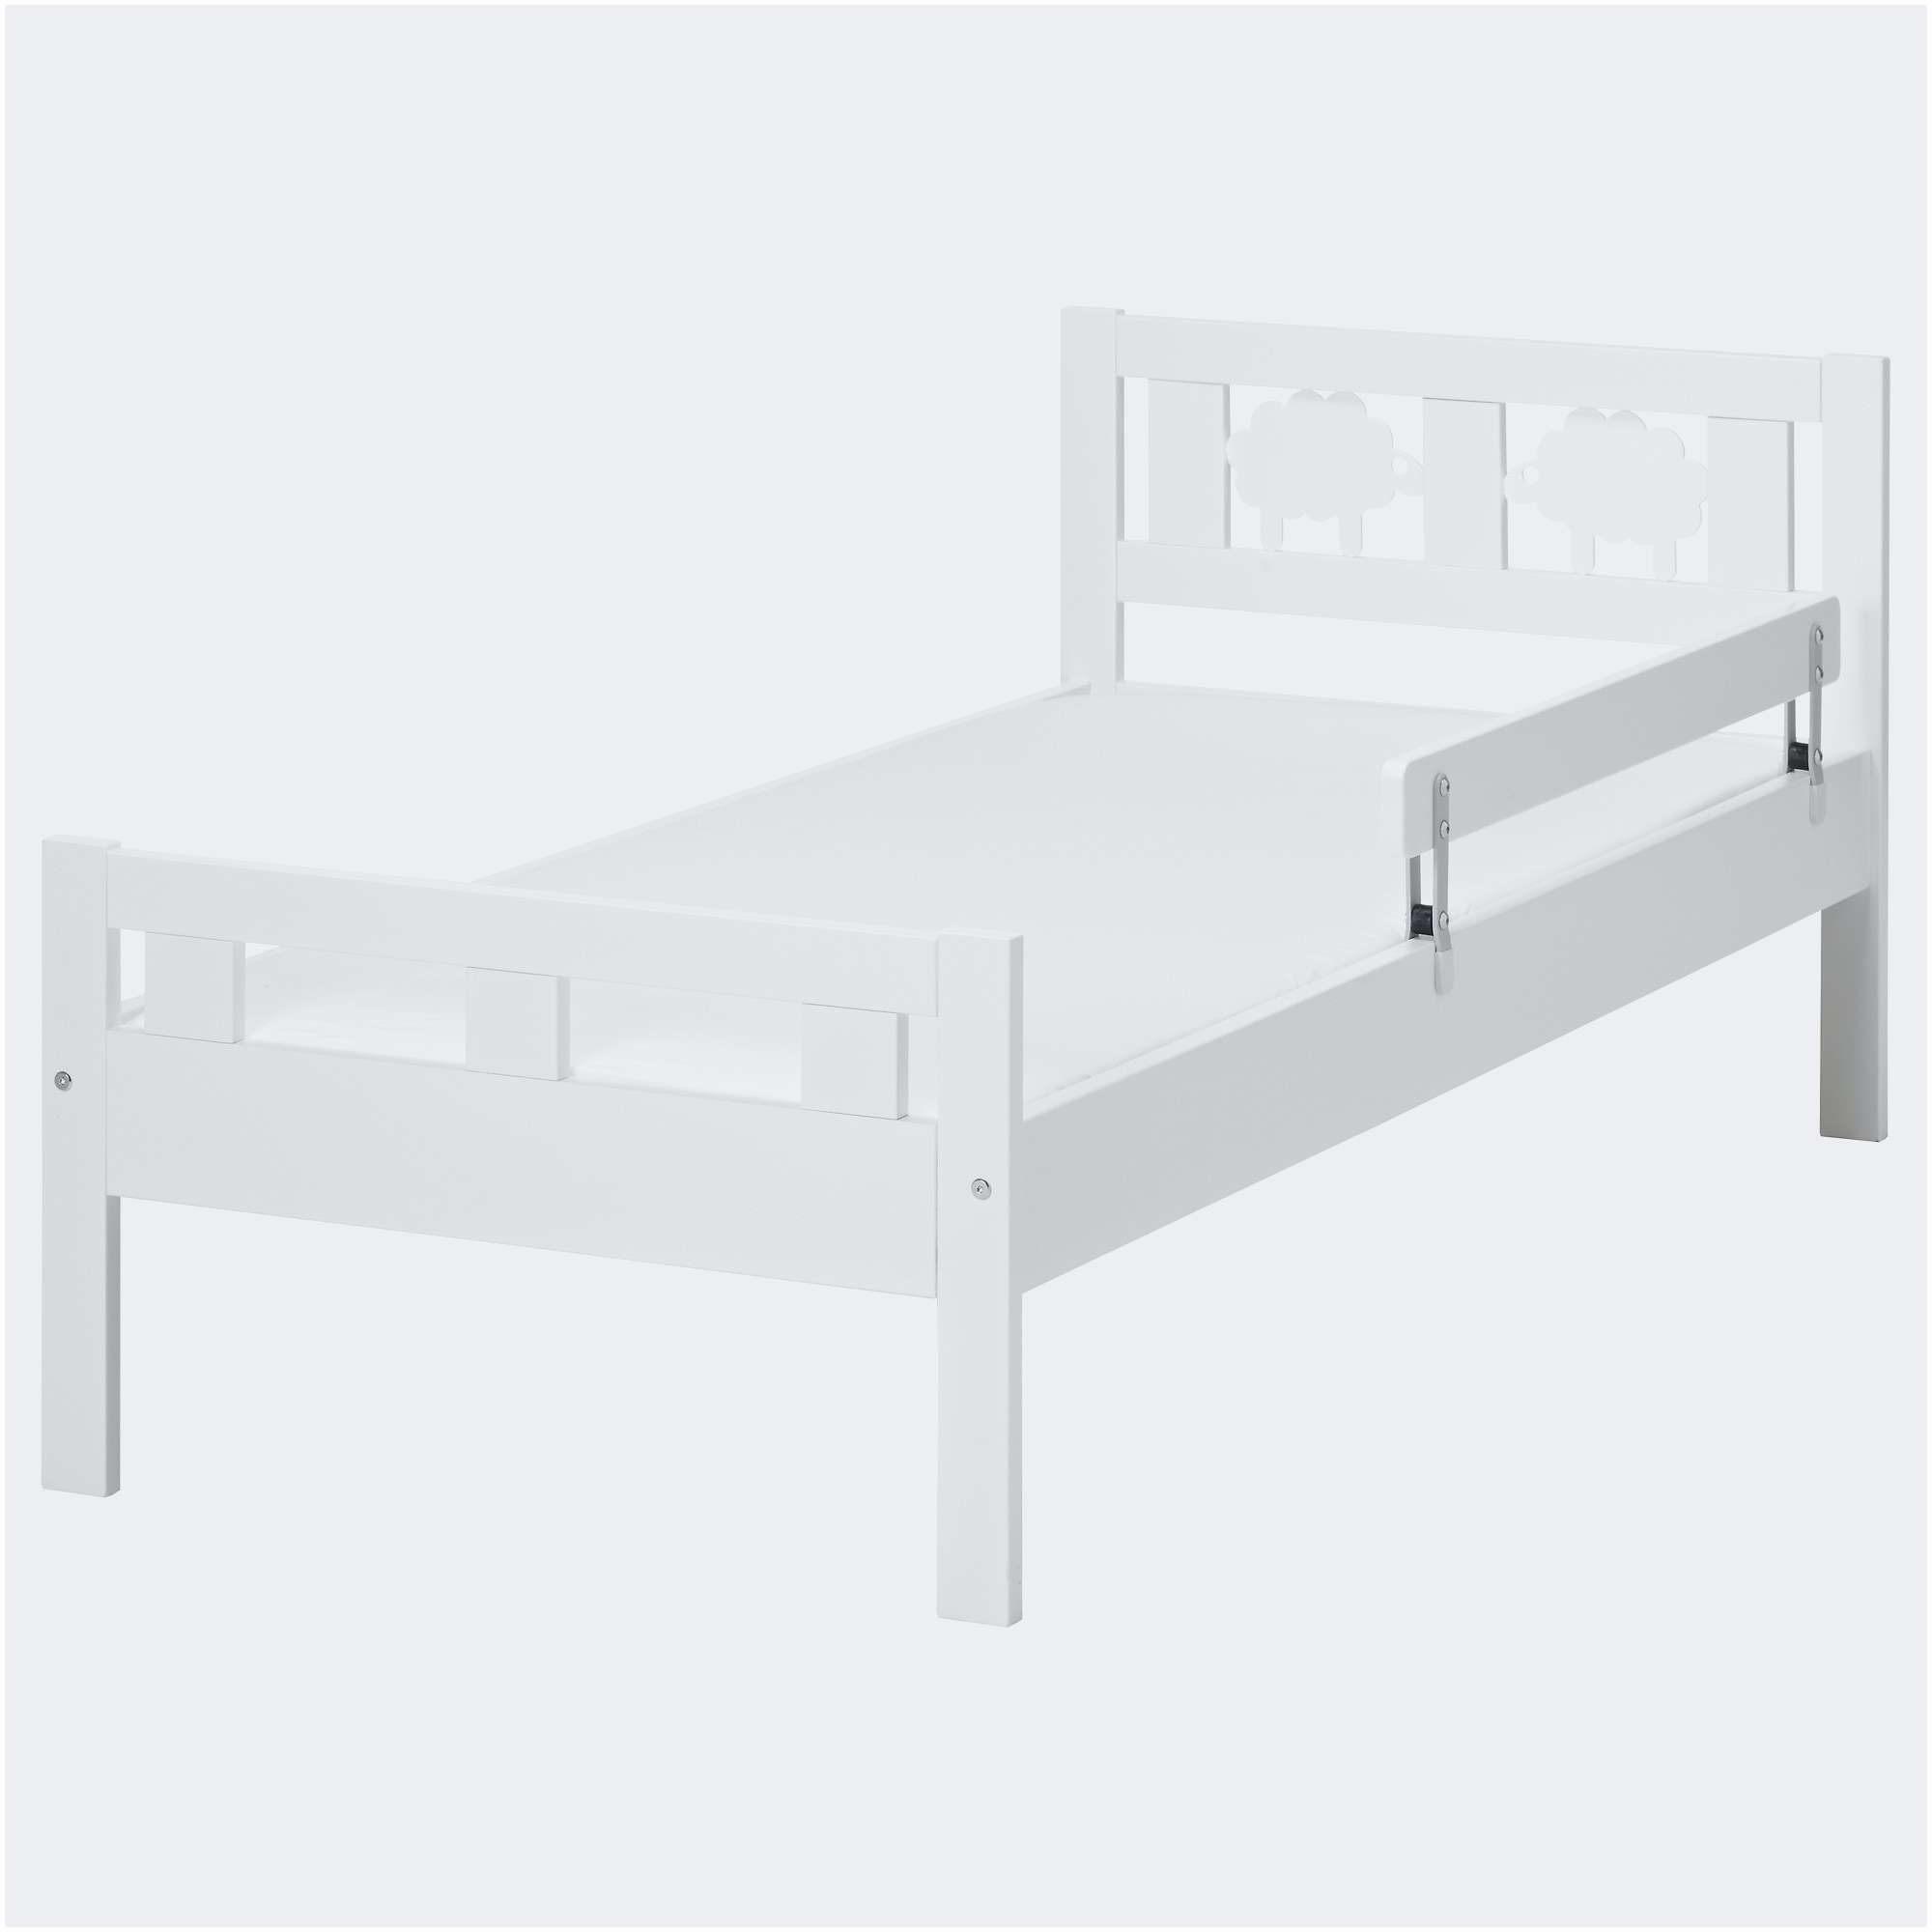 Parure De Lit 90×190 Meilleur De Nouveau Drap Housse 140—200 Ikea Unique S Drap De Lit Ikea Cgisnur